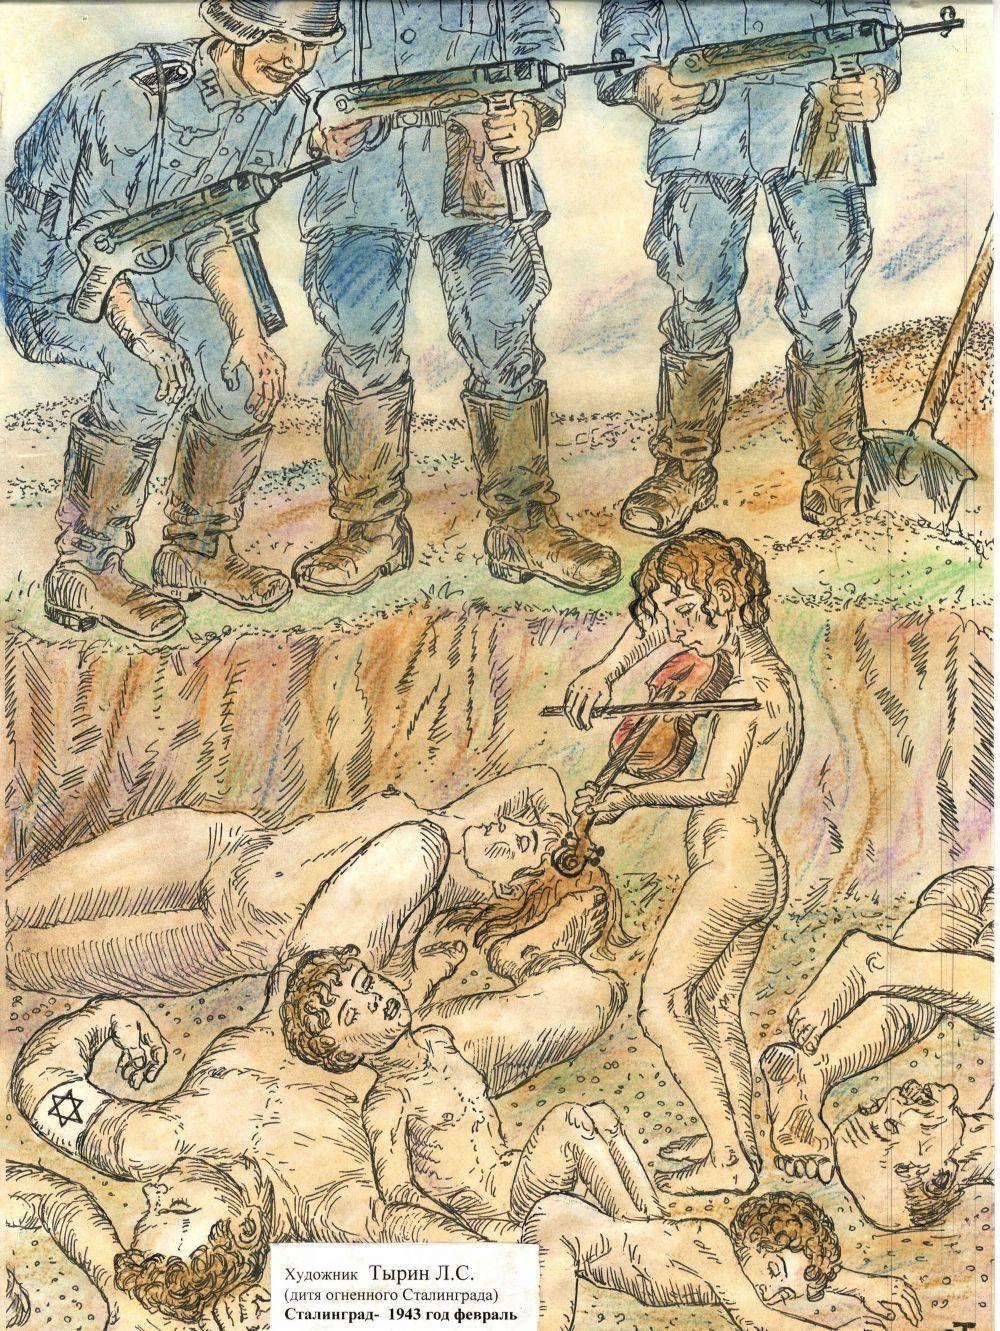 Еврейского мальчика перед смертью заставили играть на скрипке над телами убитых родственников.